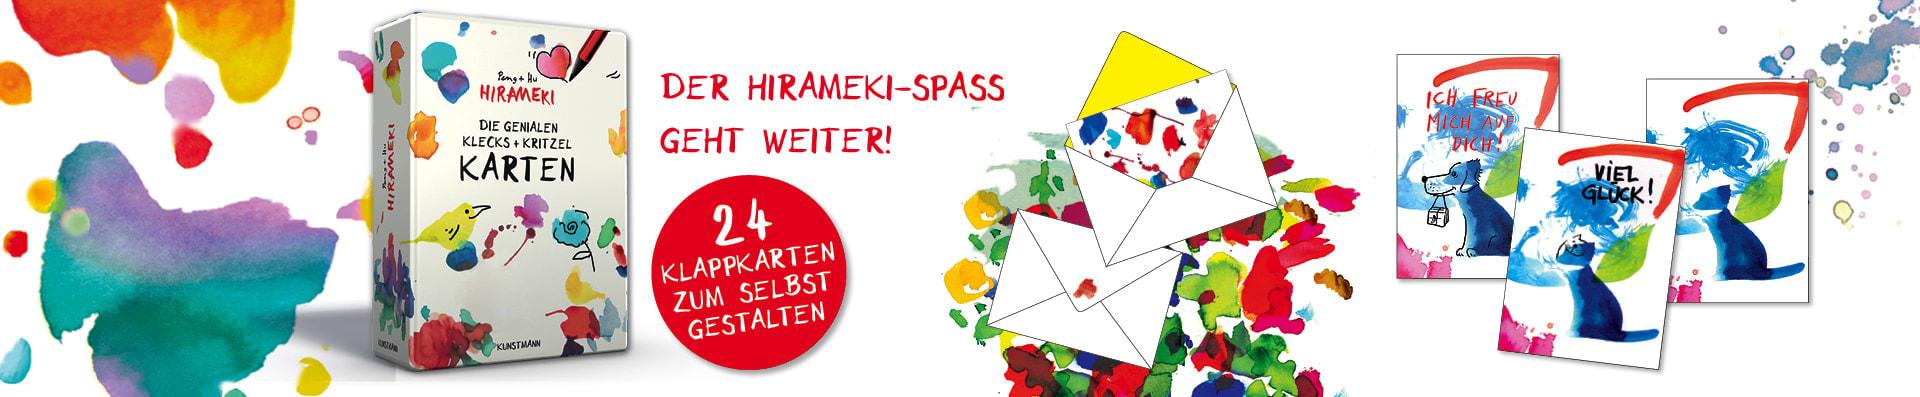 Peng + Hu – Hirameki Klecks+Kritzel-Karten